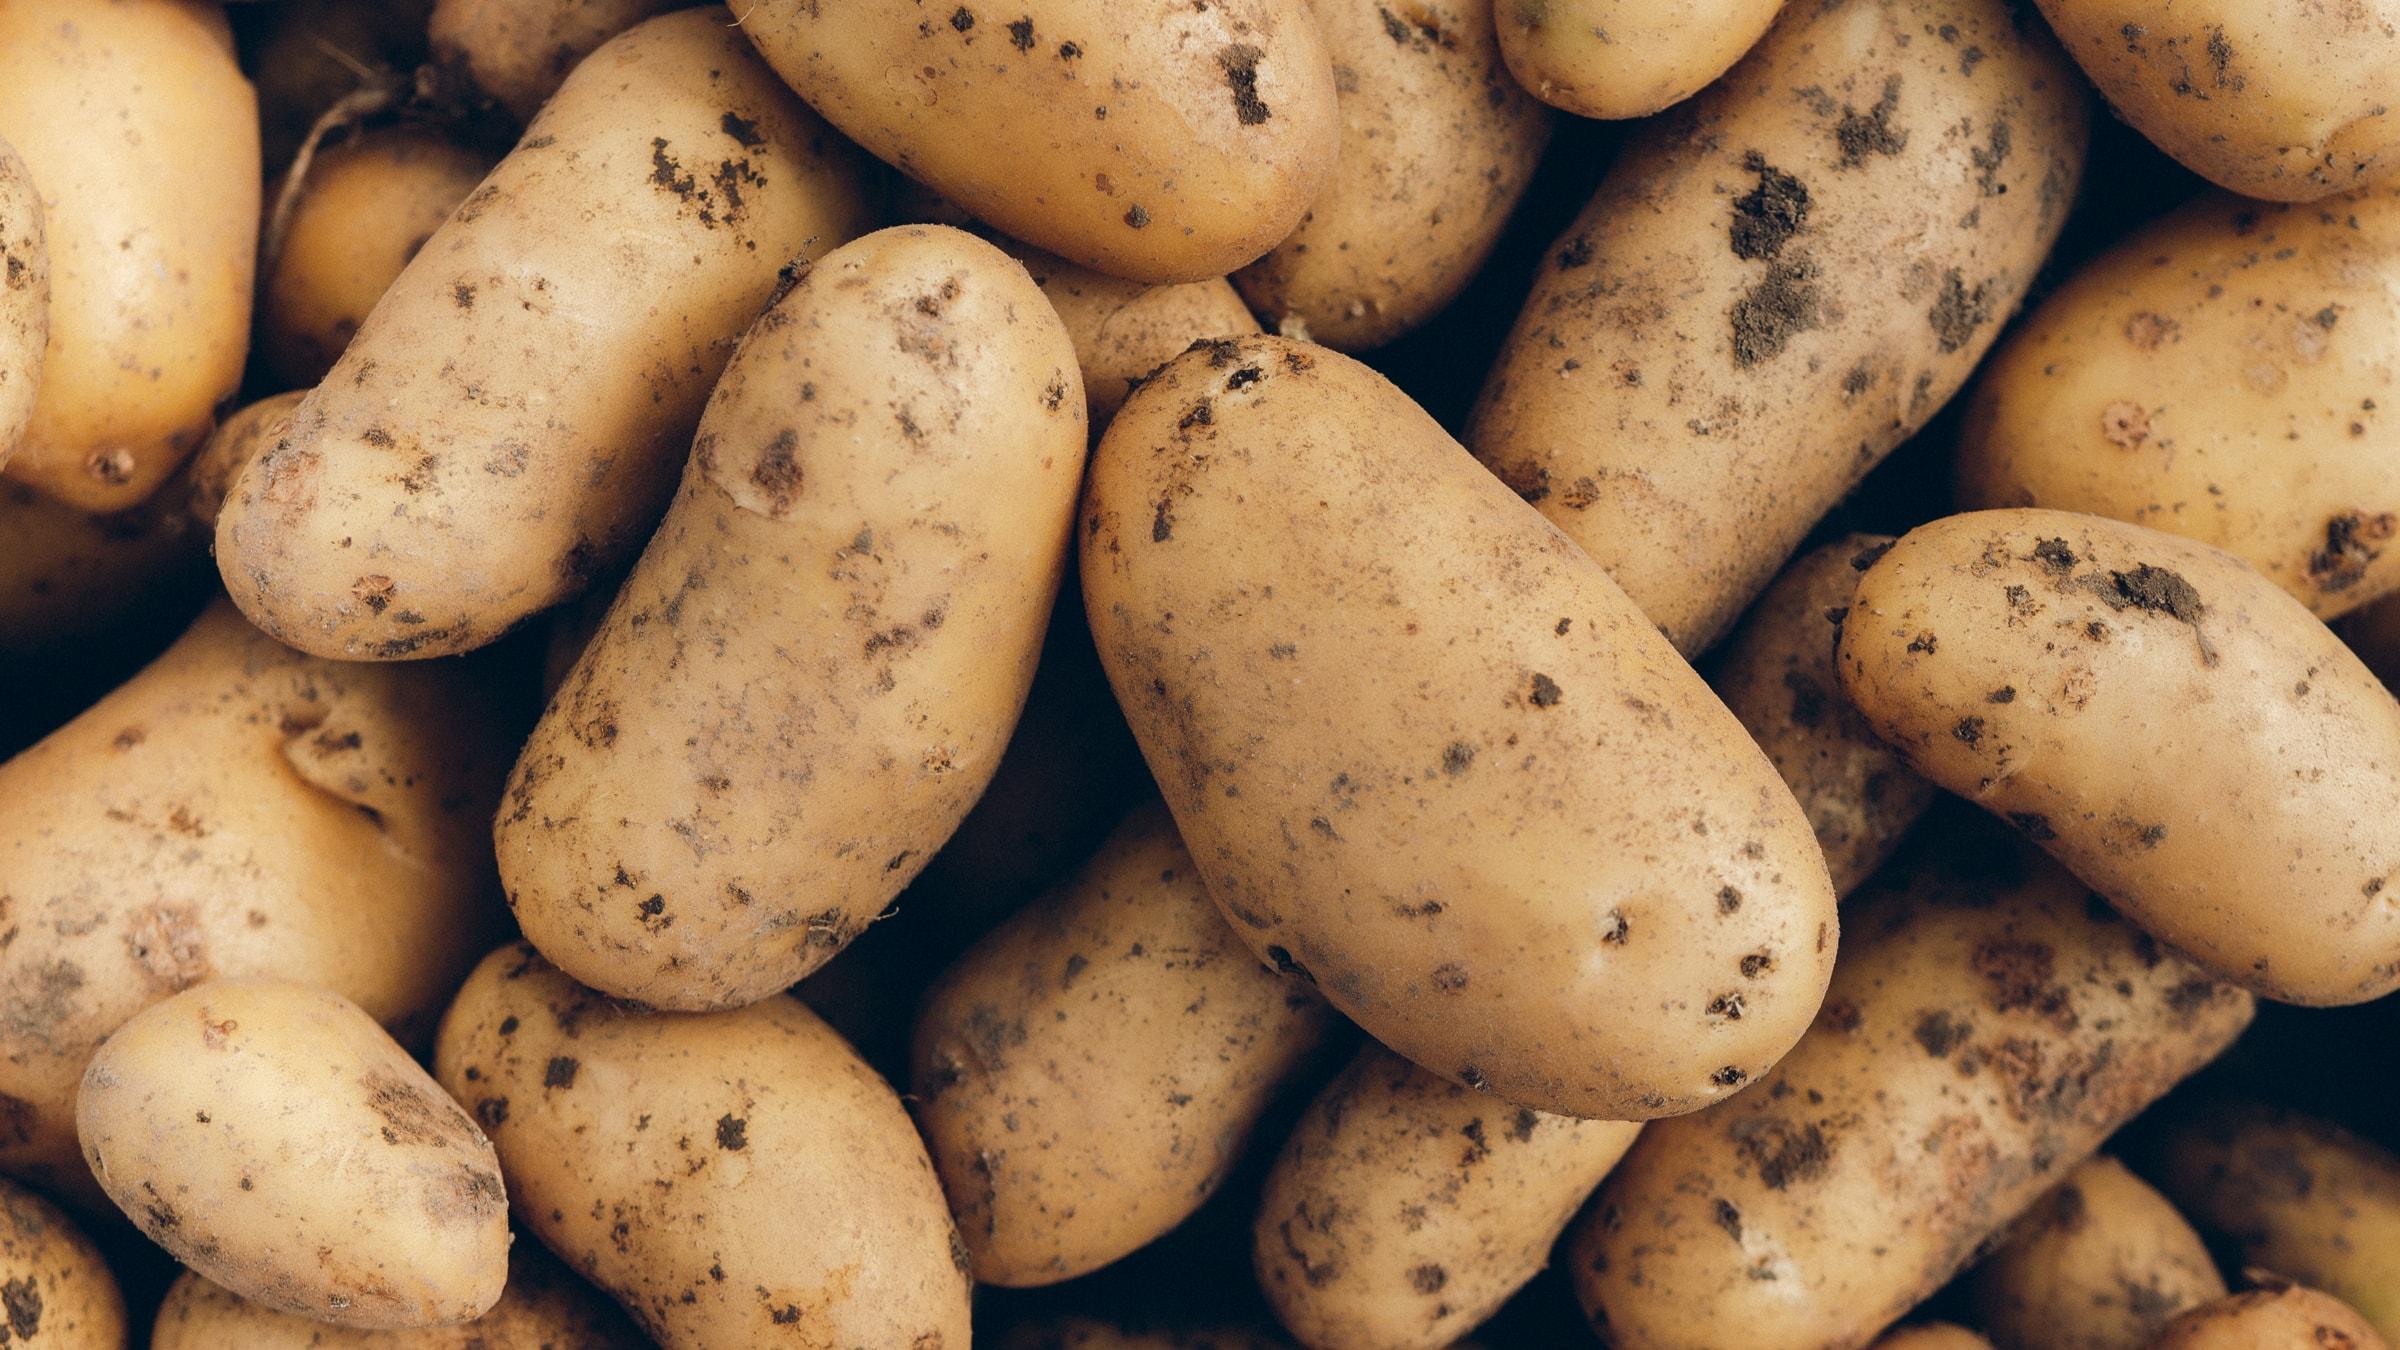 Kartoffeln richtig aufbewahren Das richtige Lagern & ihre Haltbarkeit